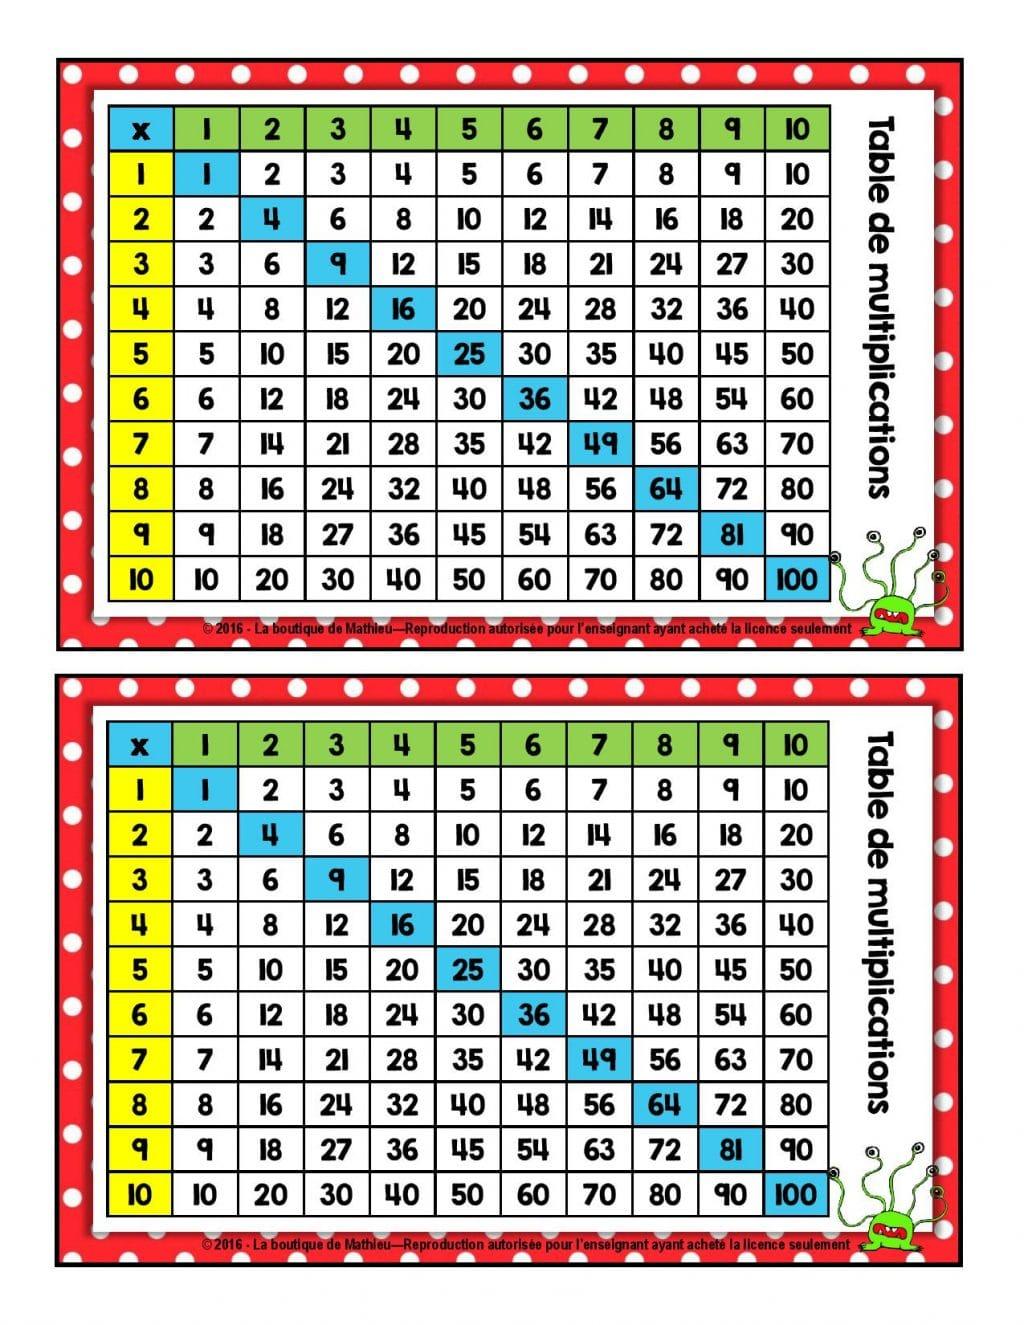 Le jeu de bataille des monstres multiplications jeu de for Jeu des multiplications